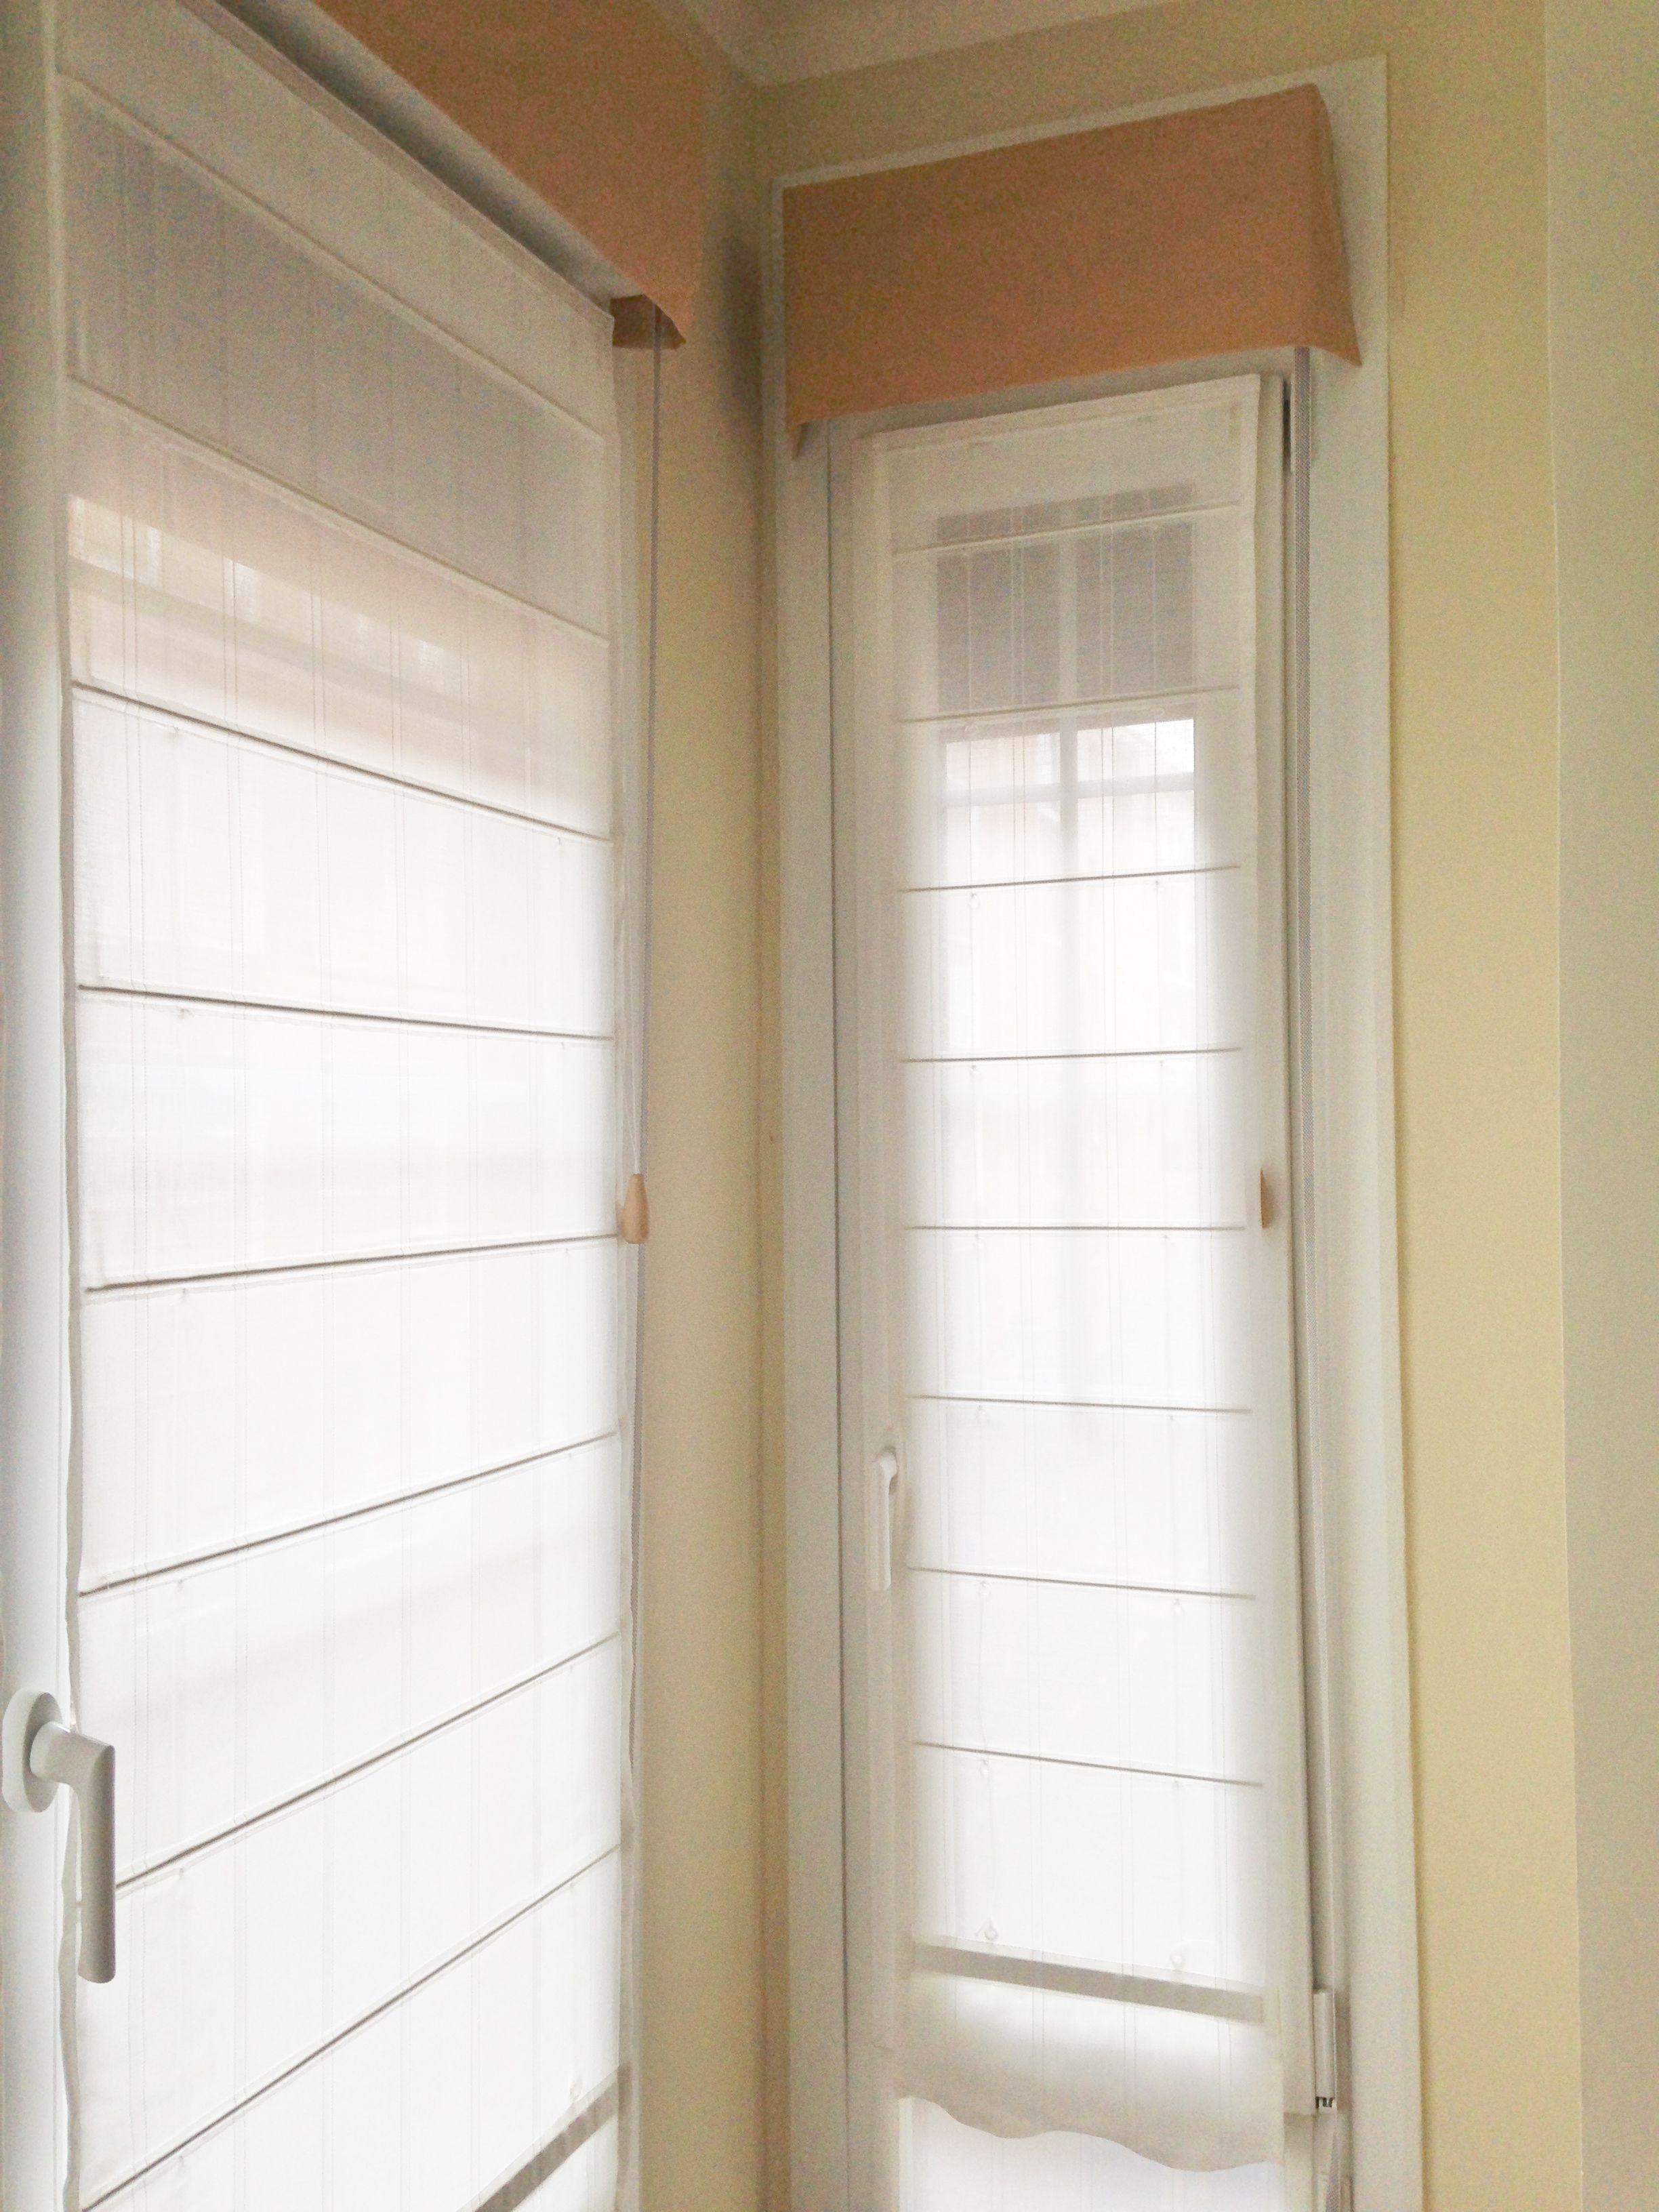 Estor con varilla bajo cristal y bando para caja en mirador cortinas pinterest estor - Estor para ducha ...